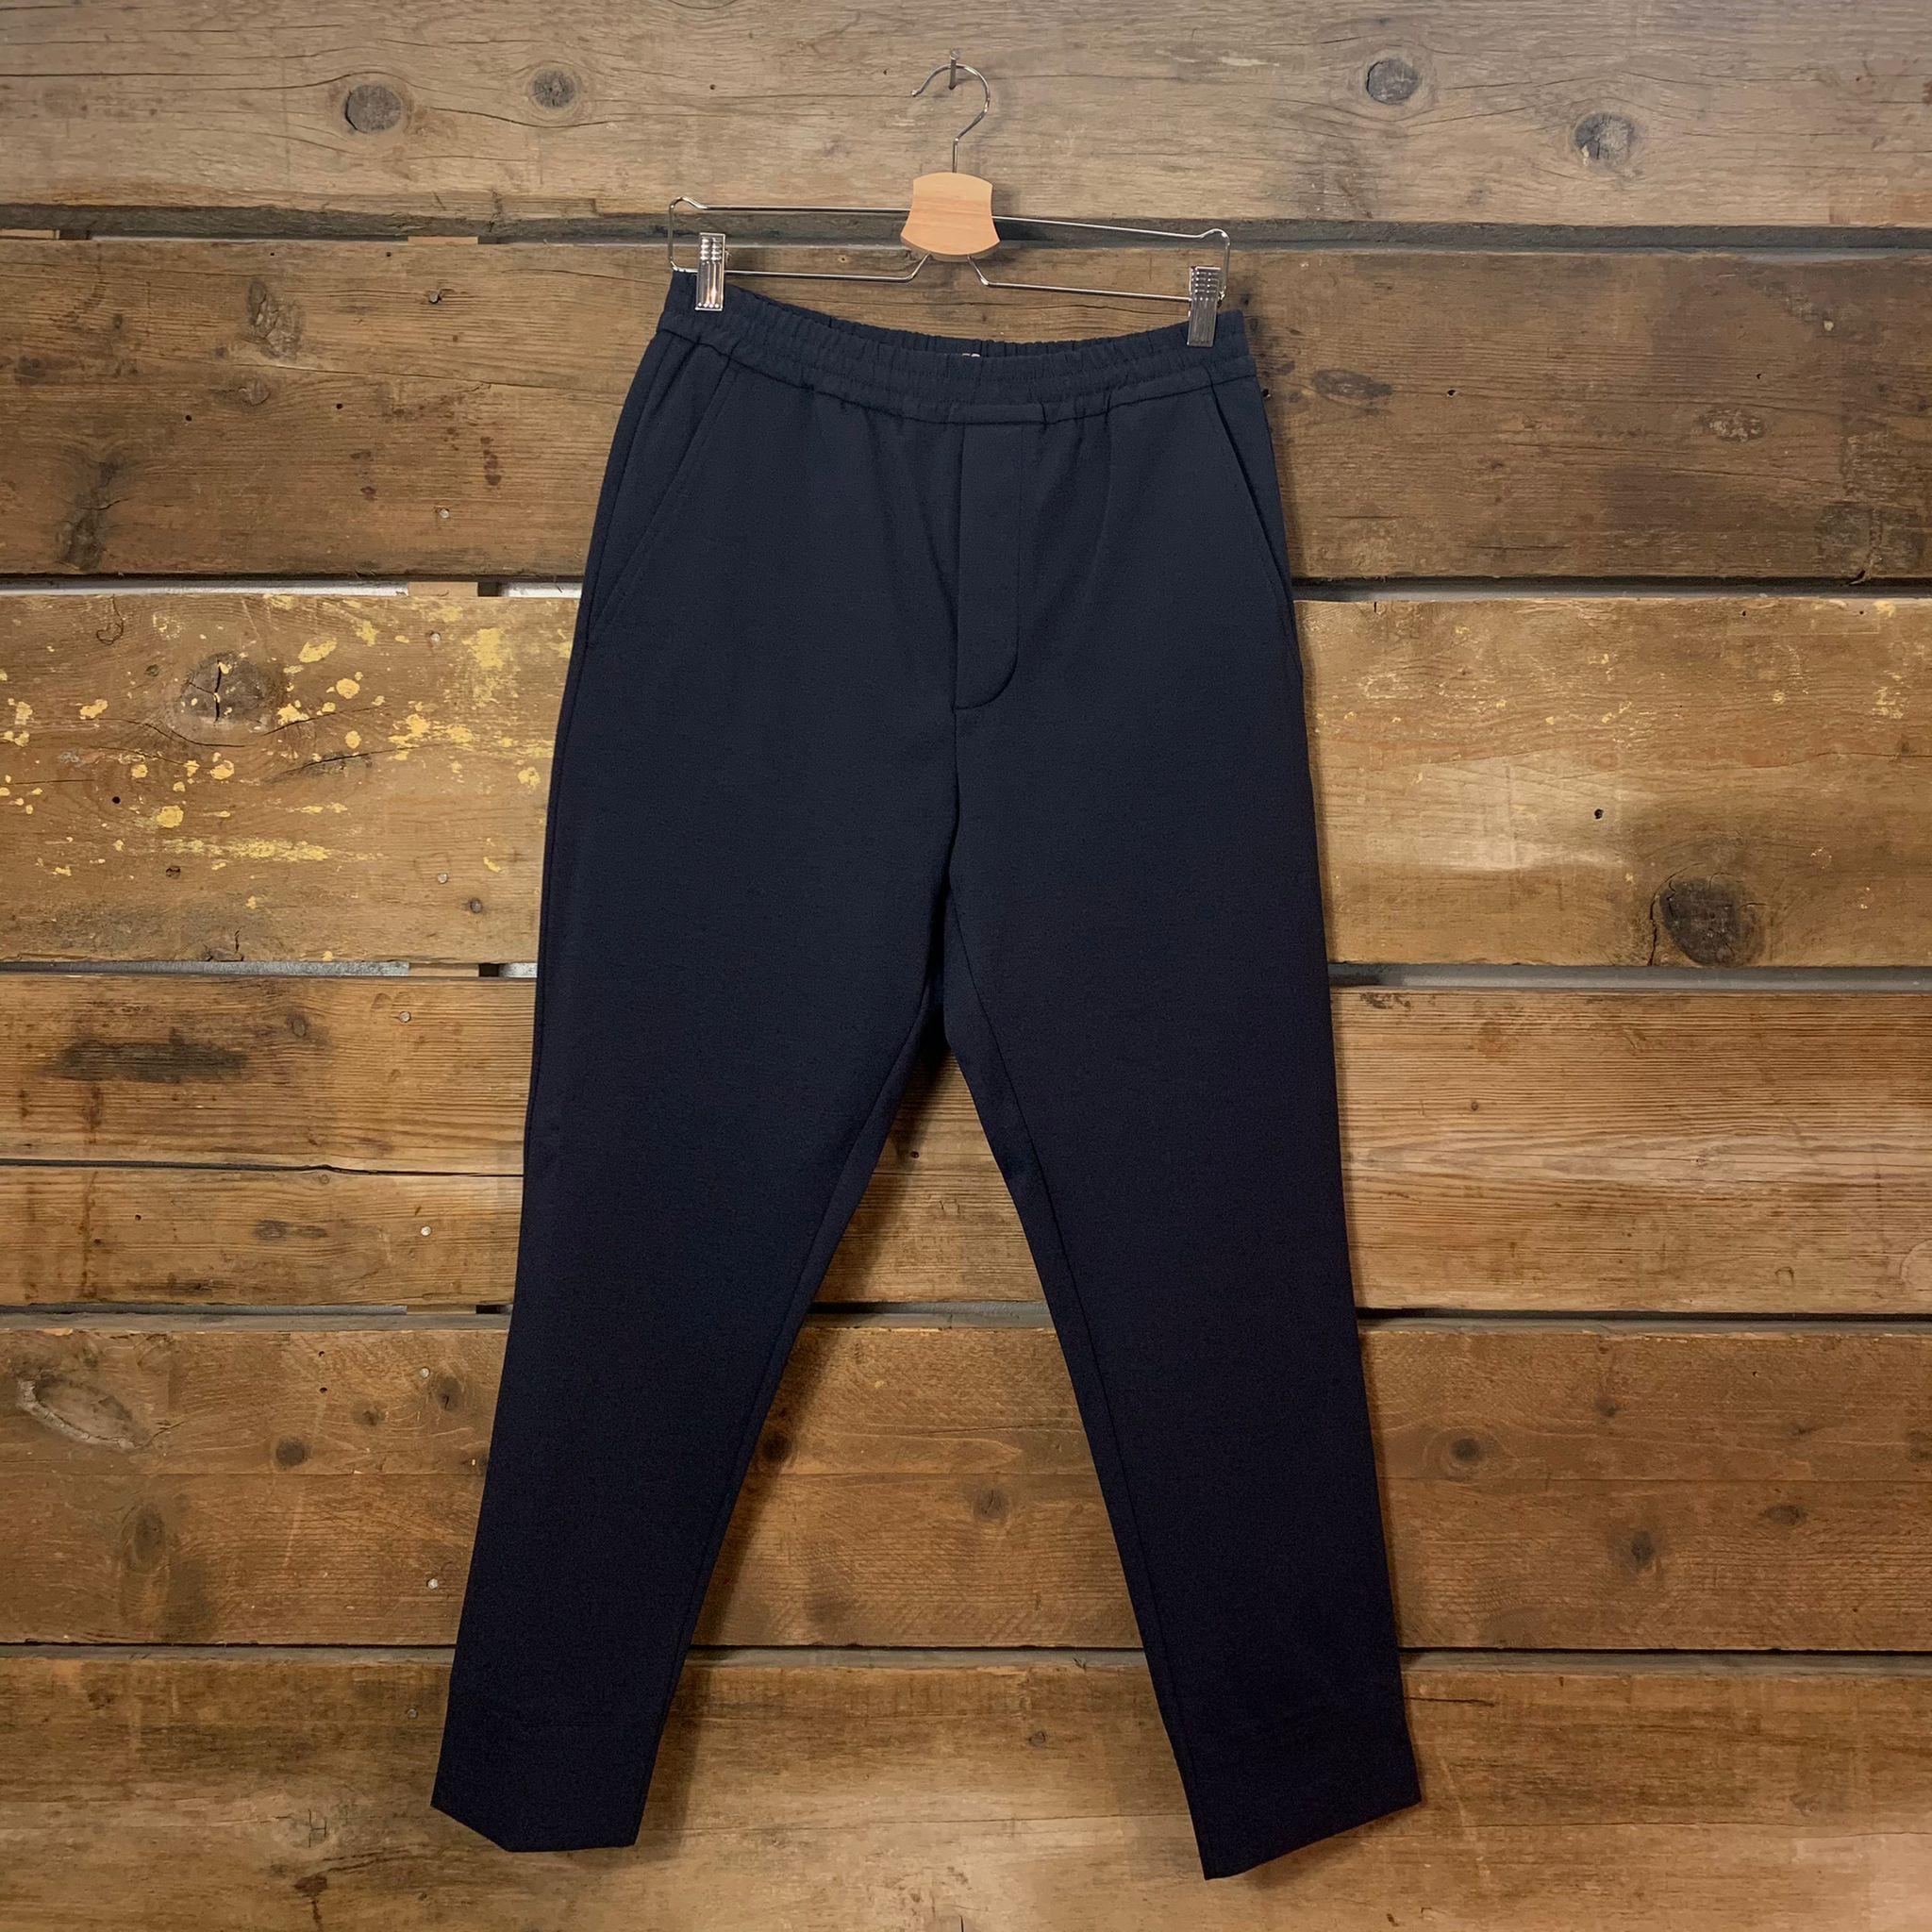 Pantalone Hosio Uomo Jogger In Cotone Elasticizzato Blu Scuro